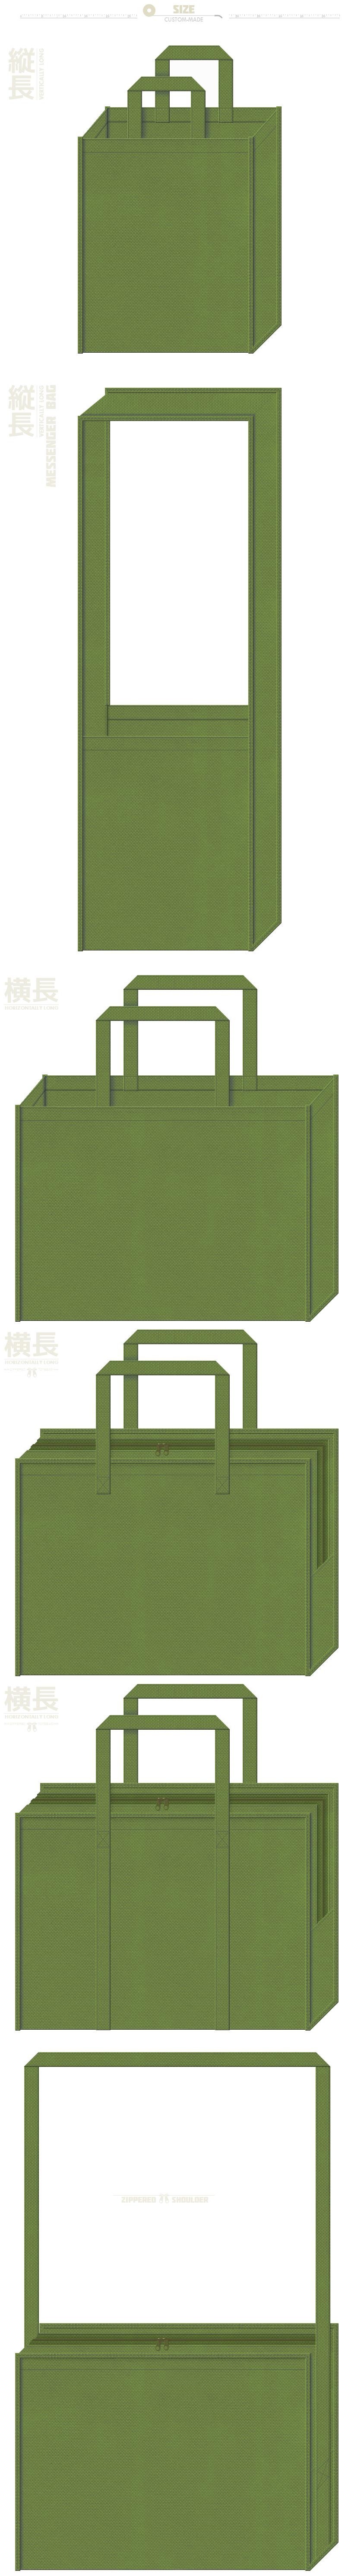 草色の不織布バッグにお奨めのイメージ:焼酎・白ワインボトル・オリーブオイル・抹茶・青汁・わさび